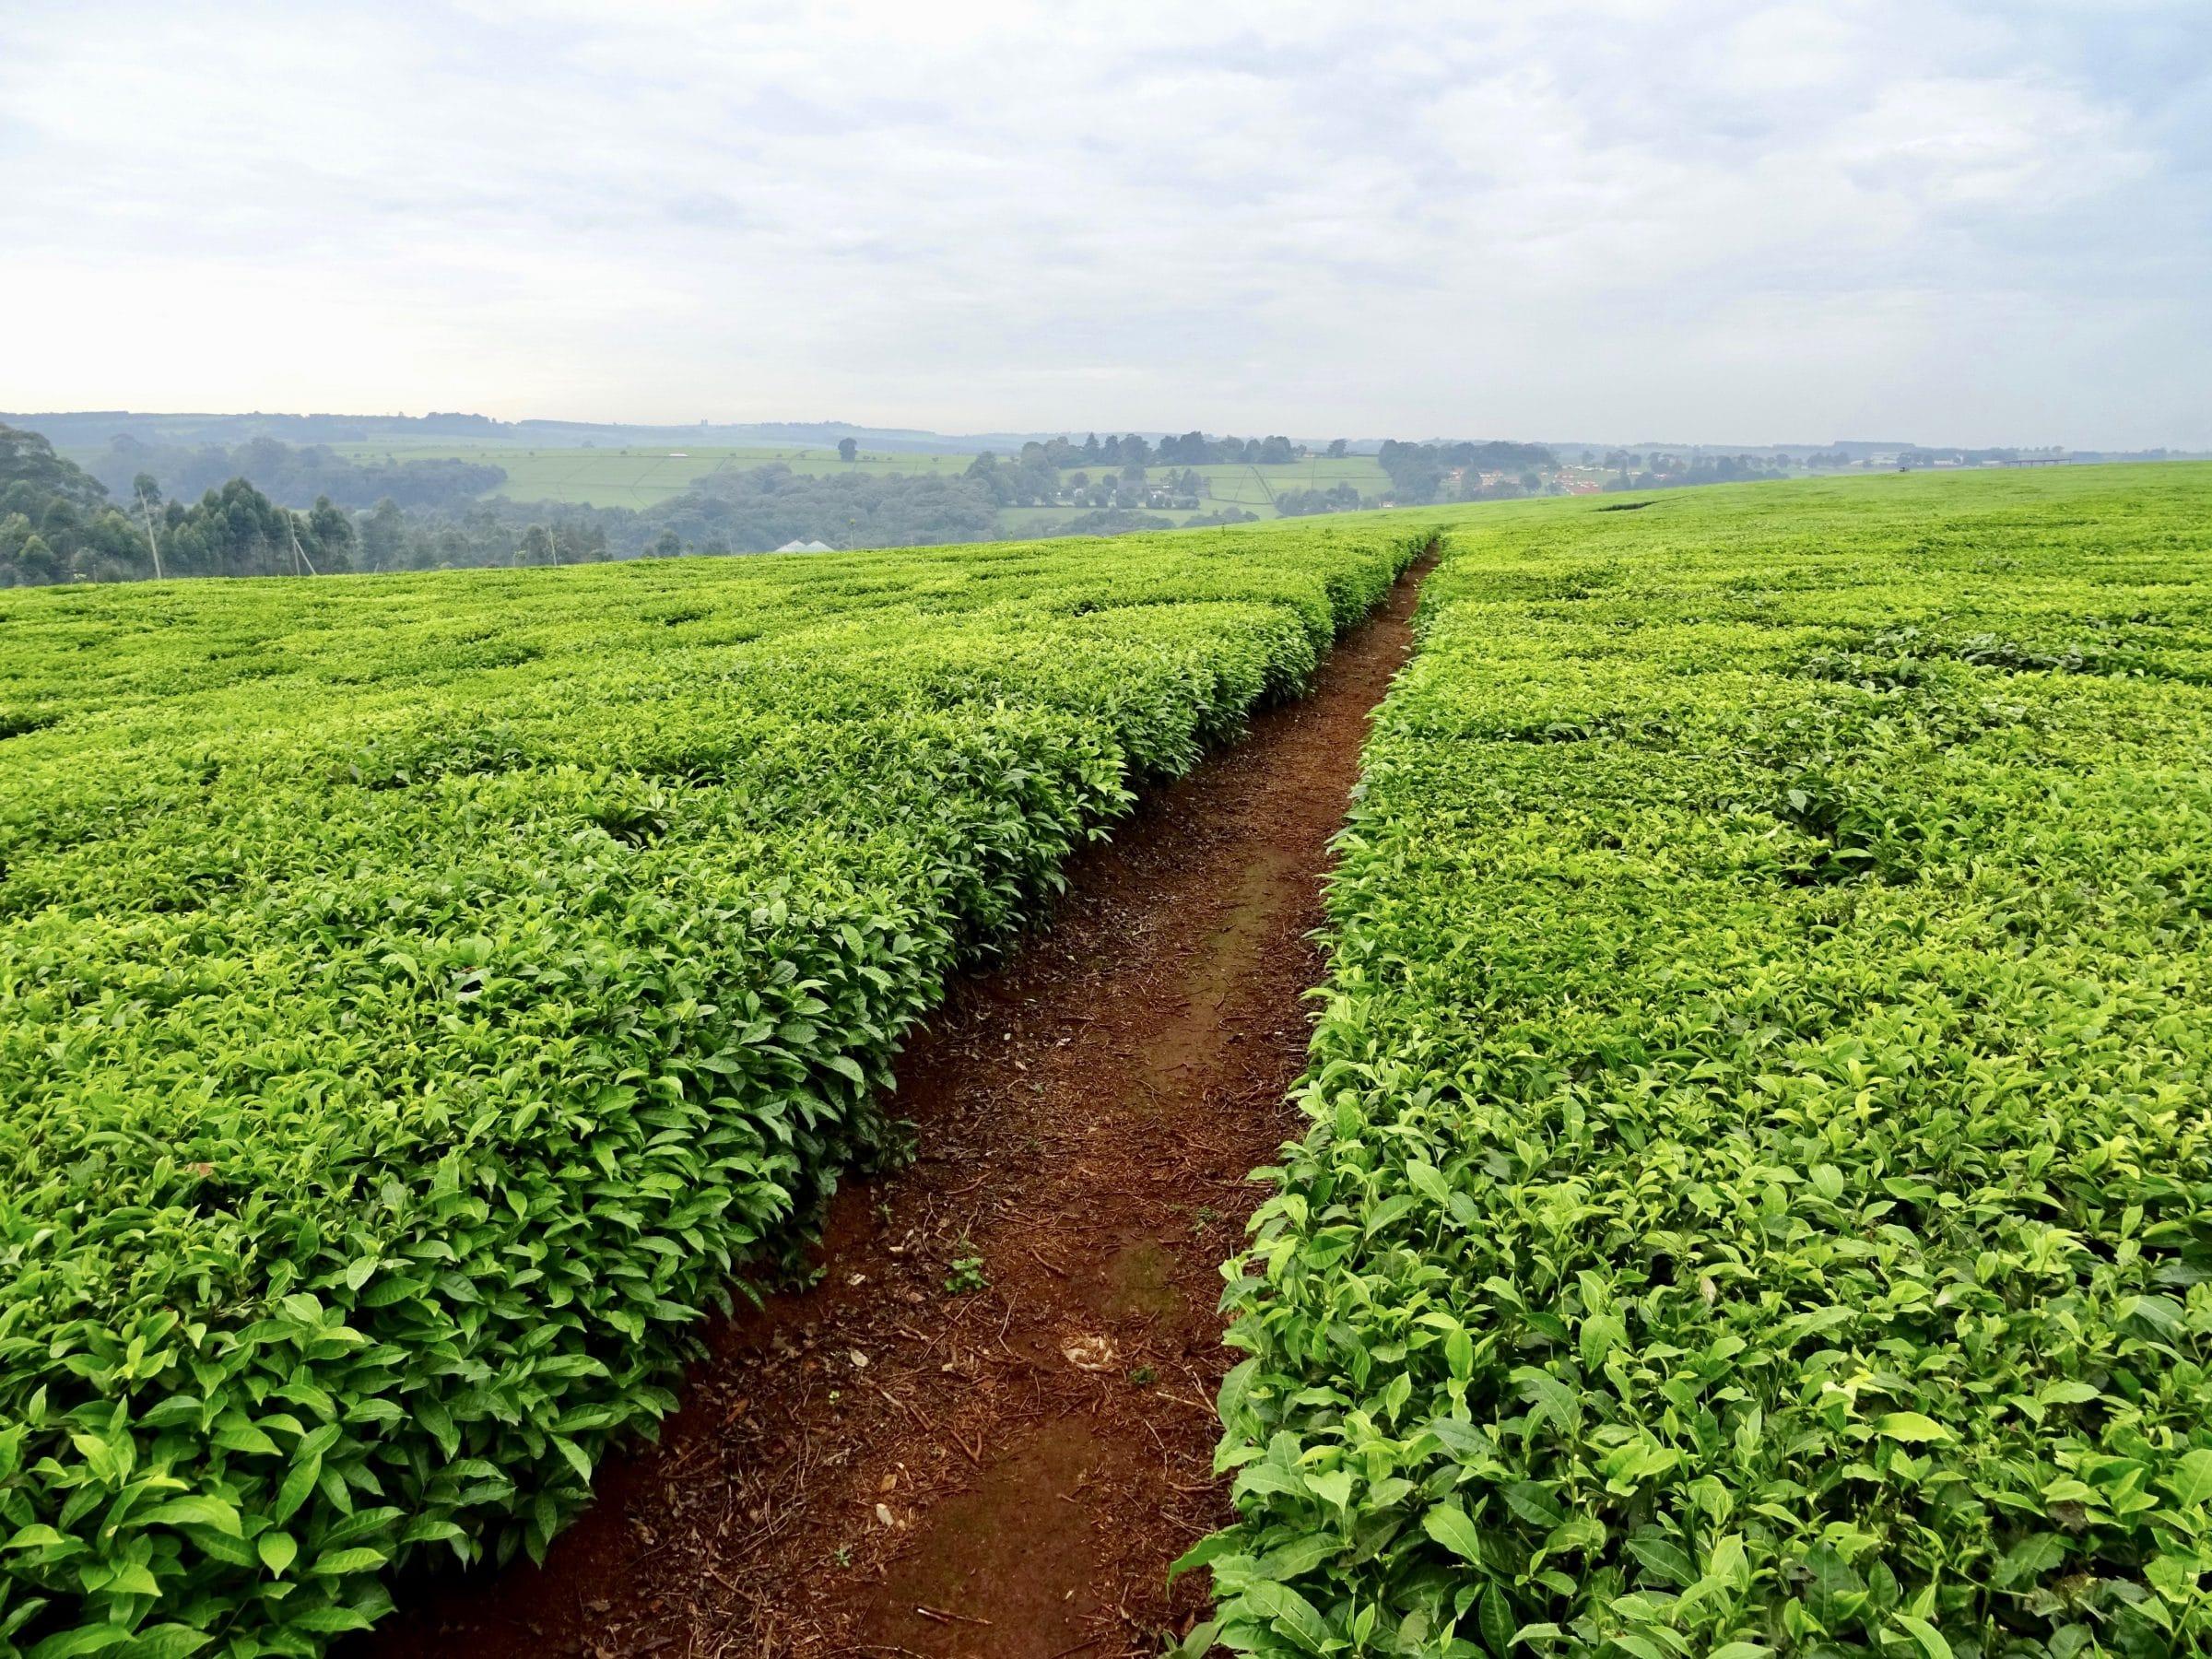 Theeplantages in de omgeving van Kericho